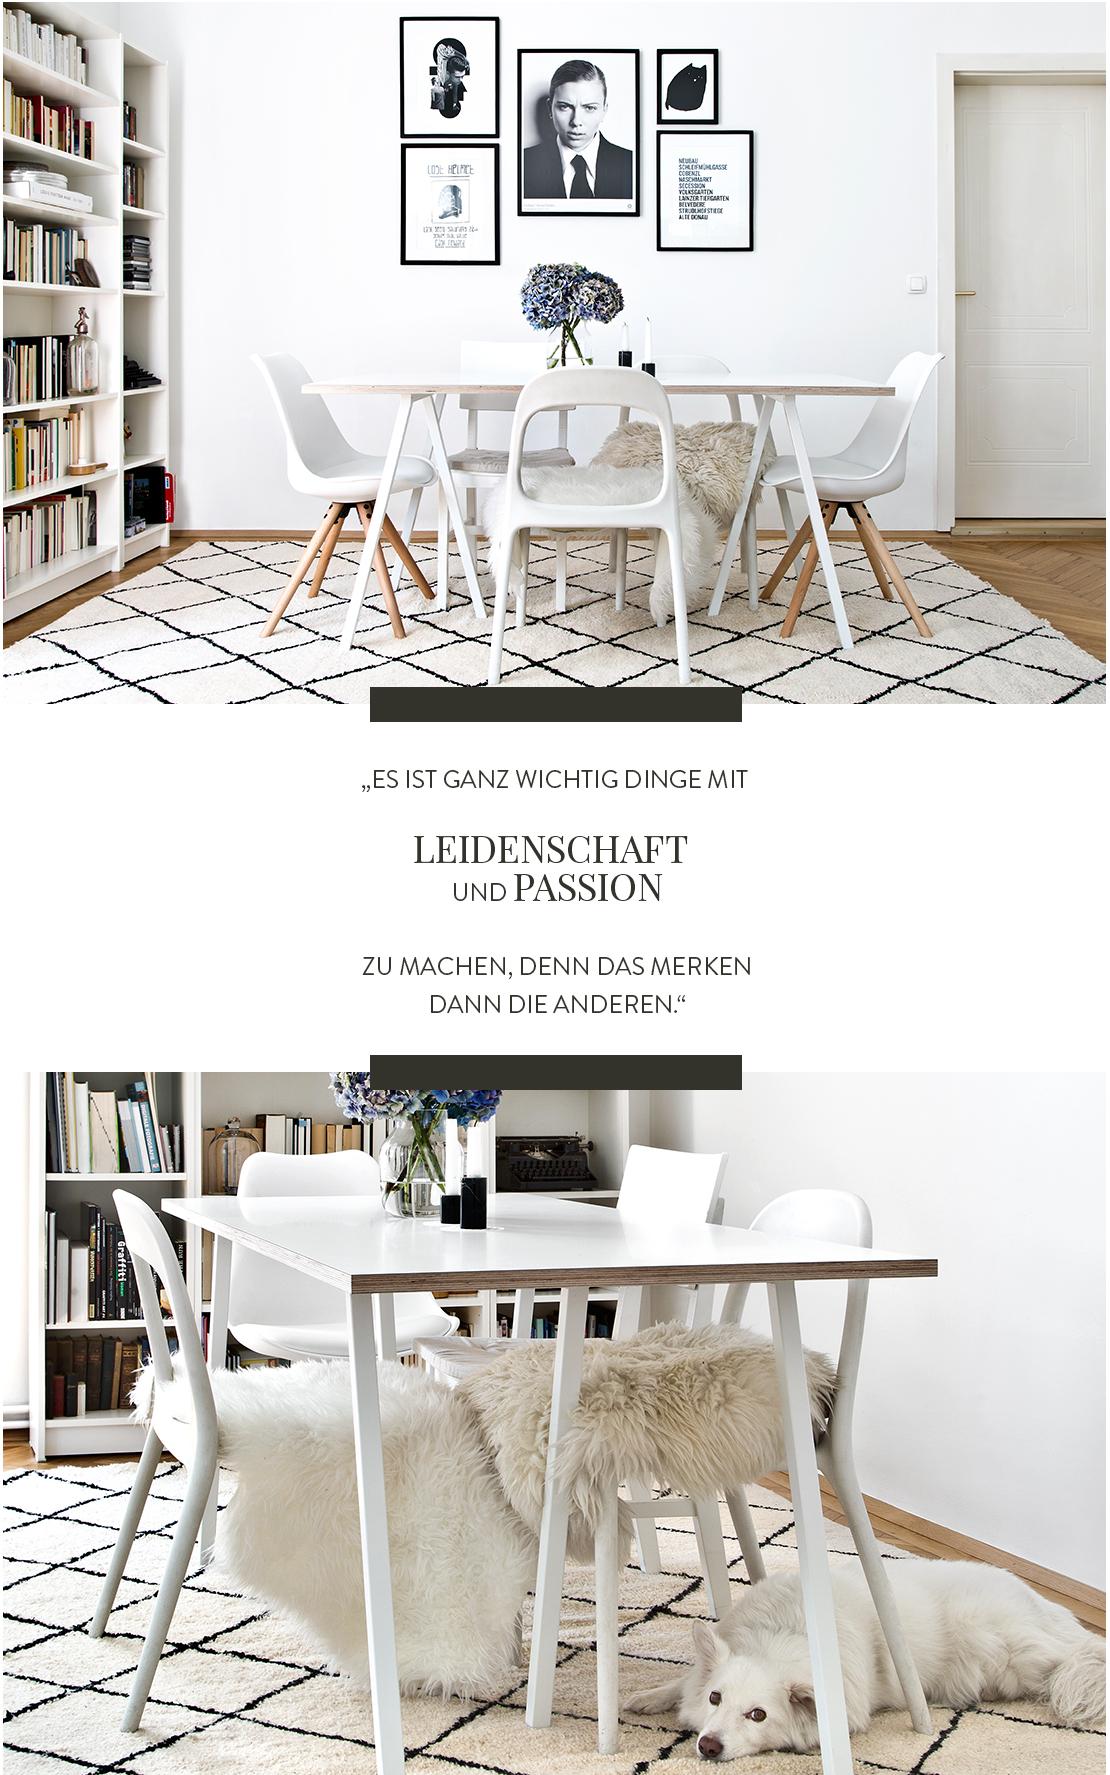 Westwing-Homestory-Carola-Pojer-Vienna-Wedekind-Wohnzimmer